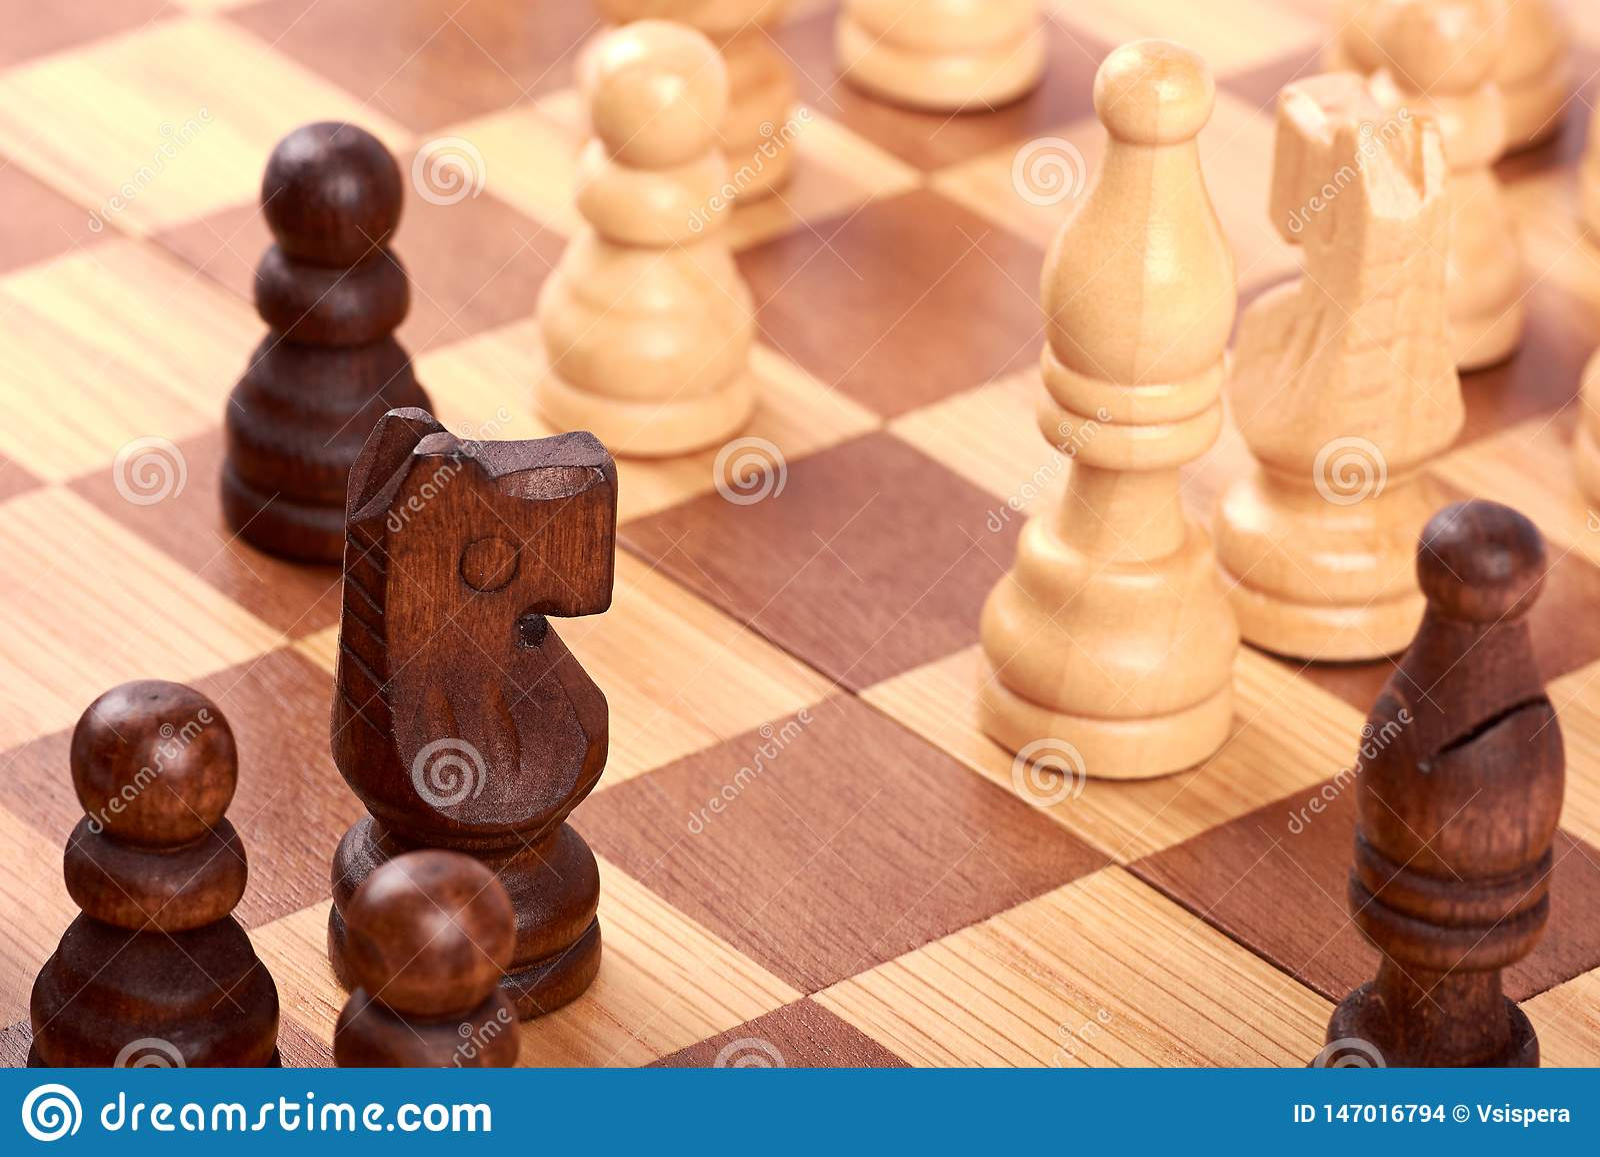 Άποψη κινηματογραφήσεων σε πρώτο πλάνο του παιχνιδιού σκακιού με τα άσπρα και μαύρα κομμάτια κούτσουρων στην καφετιά σκακιέρα Πάλ